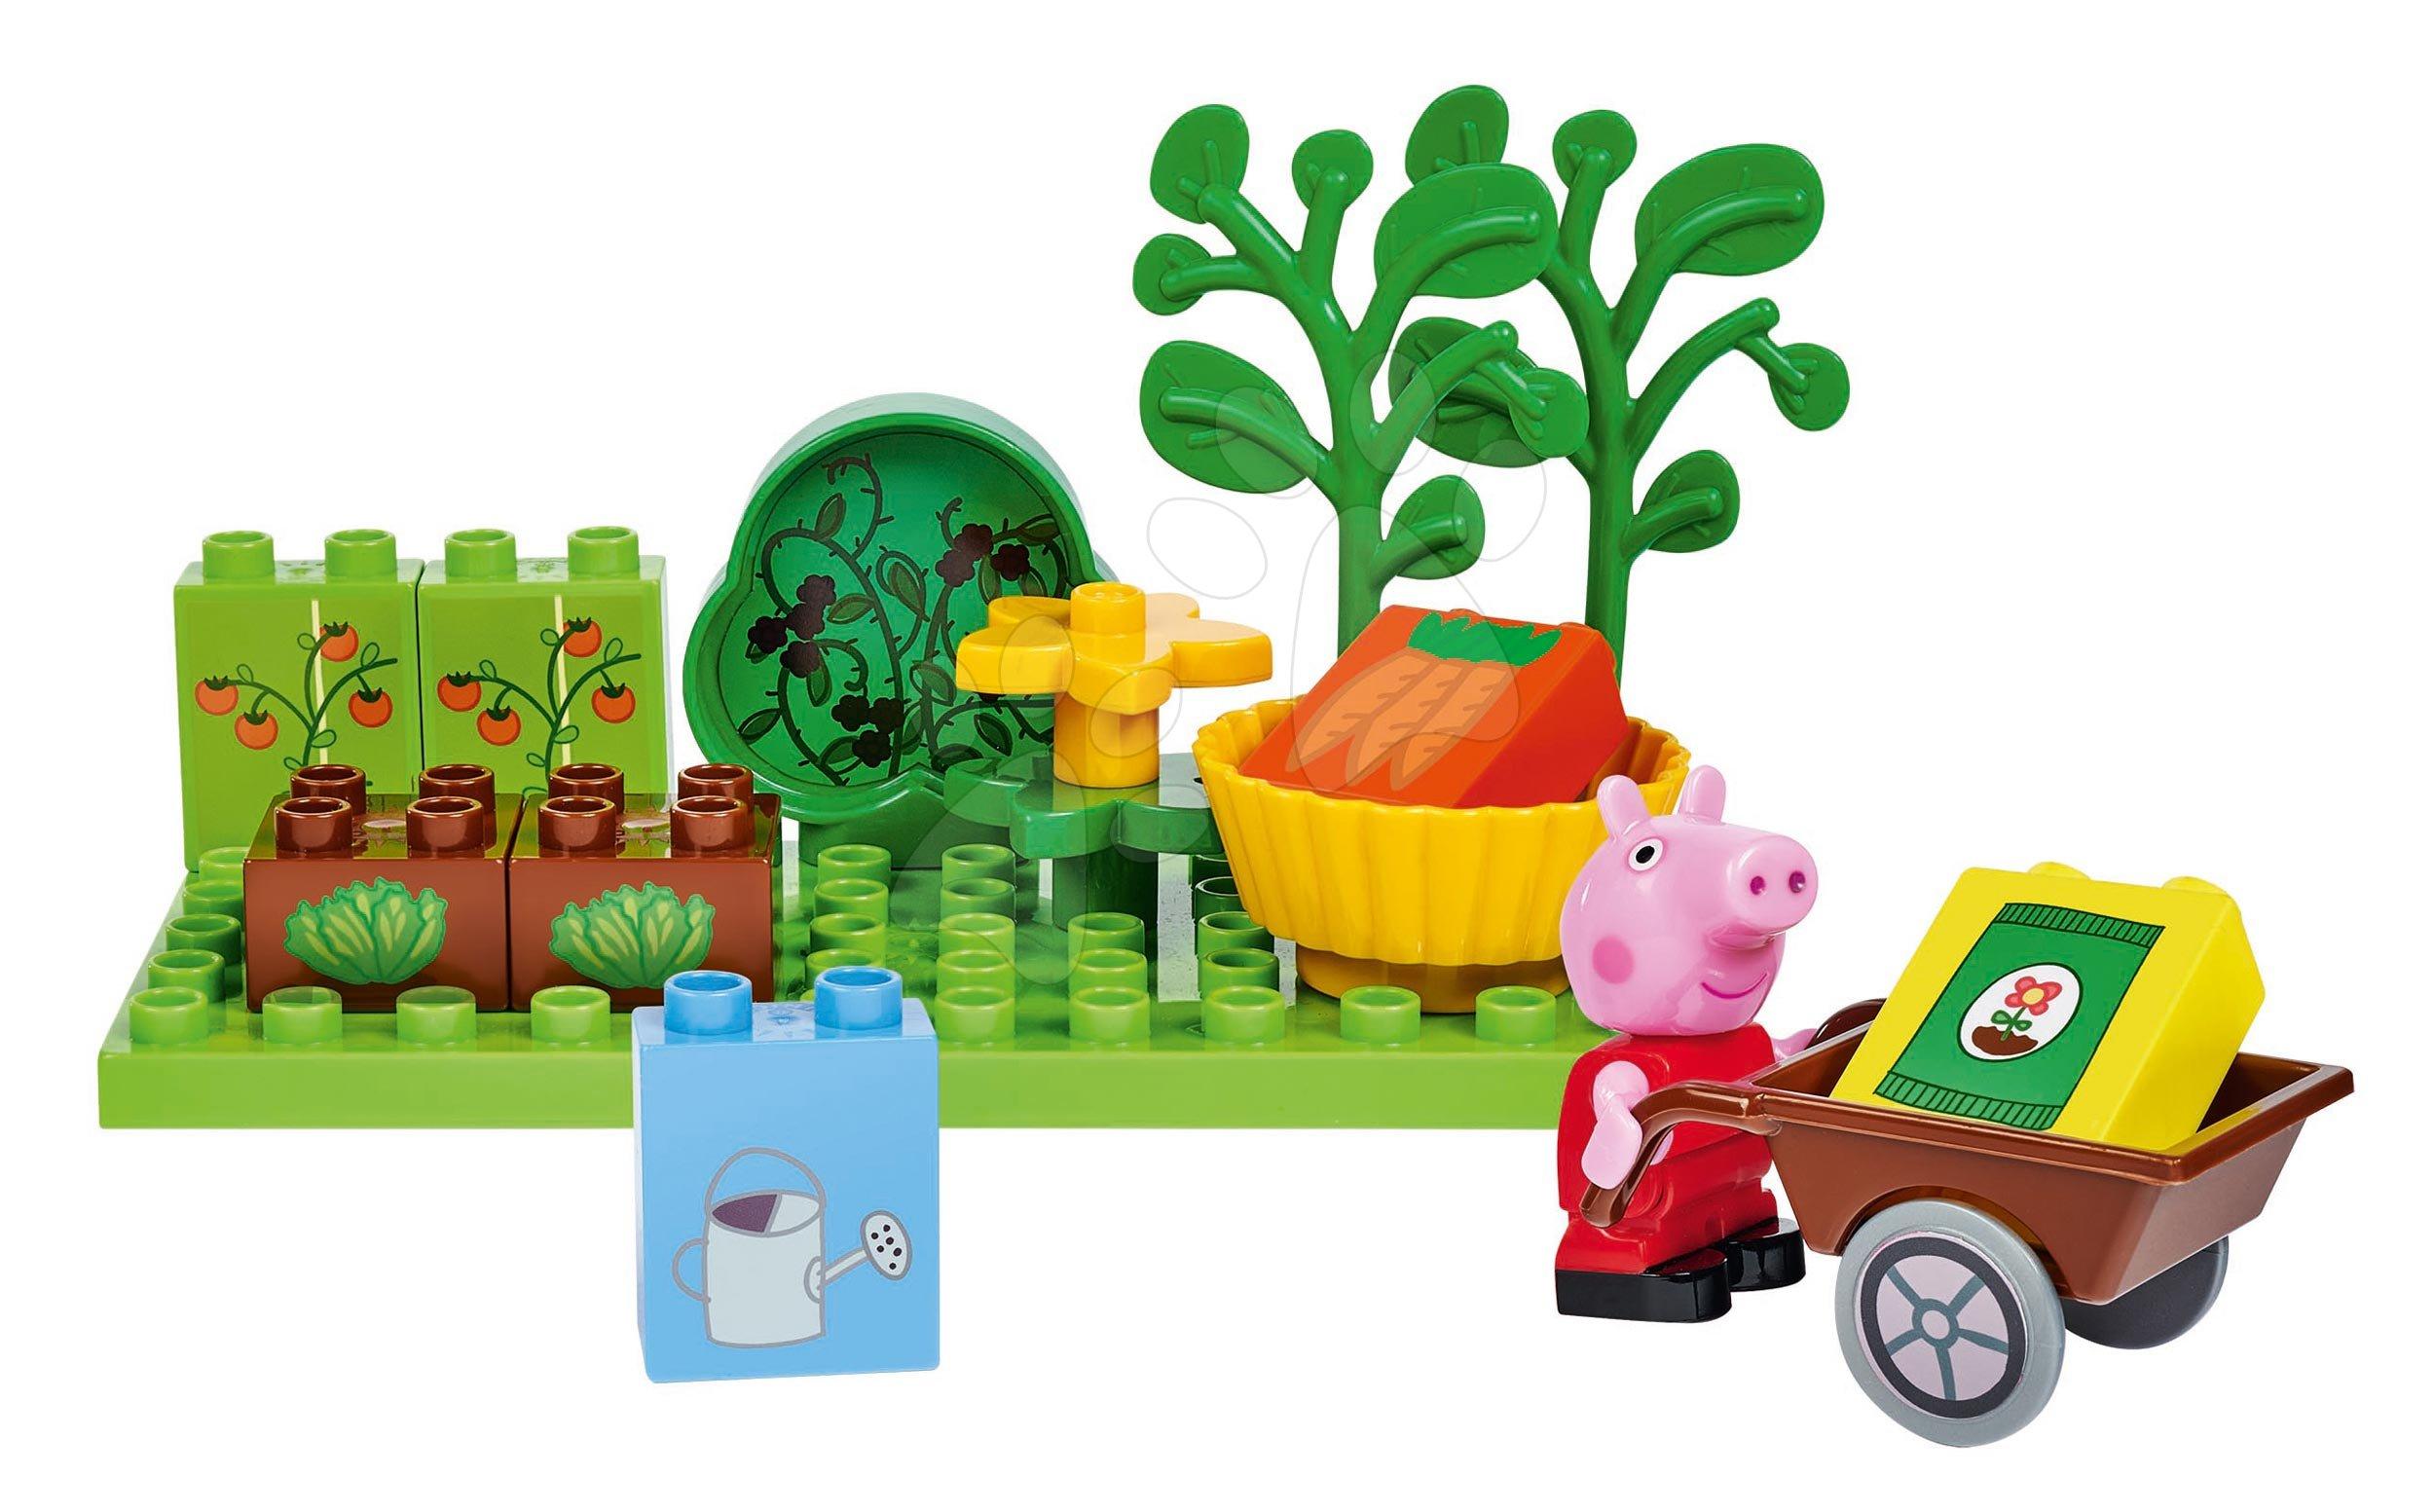 Stavebnice Peppa Pig Basic Sets II. PlayBIG Bloxx s figurkou na zahradě od 18 měsíců